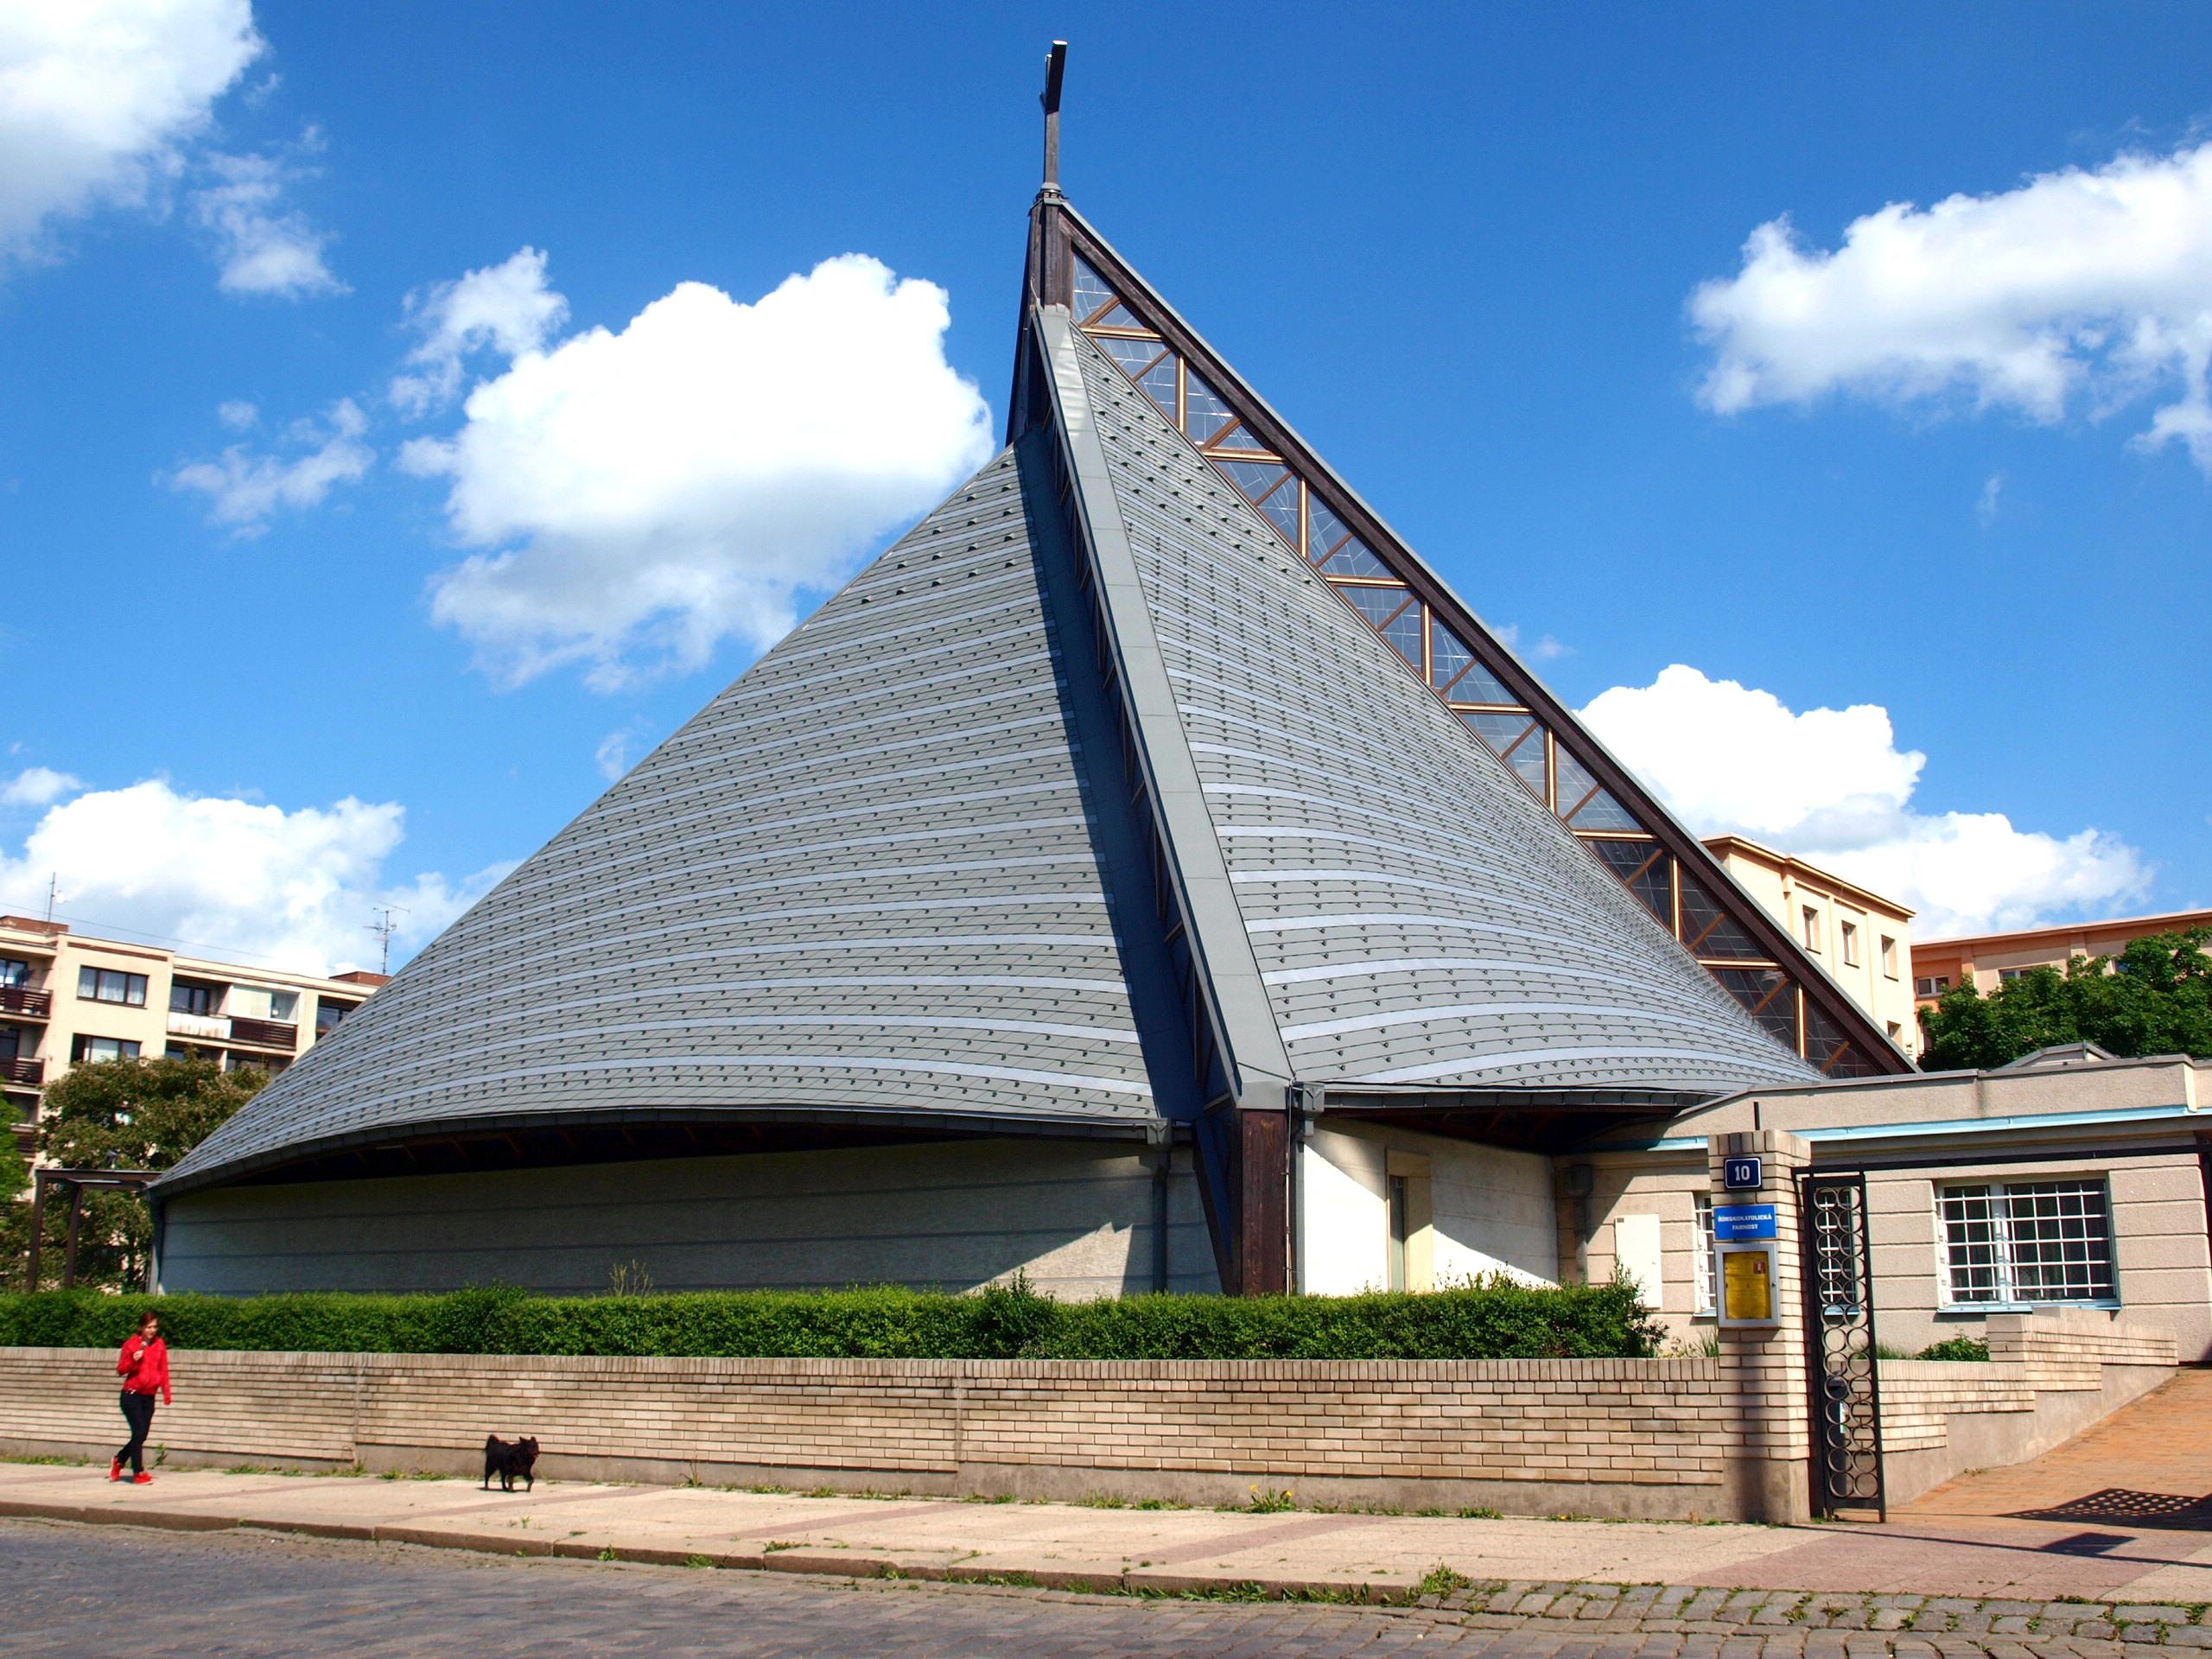 Římskokatolická farnost u kostela Neposkvrněného Početí Panny Marie Praha-Strašnice  – Wikipedie 7dee5254a7